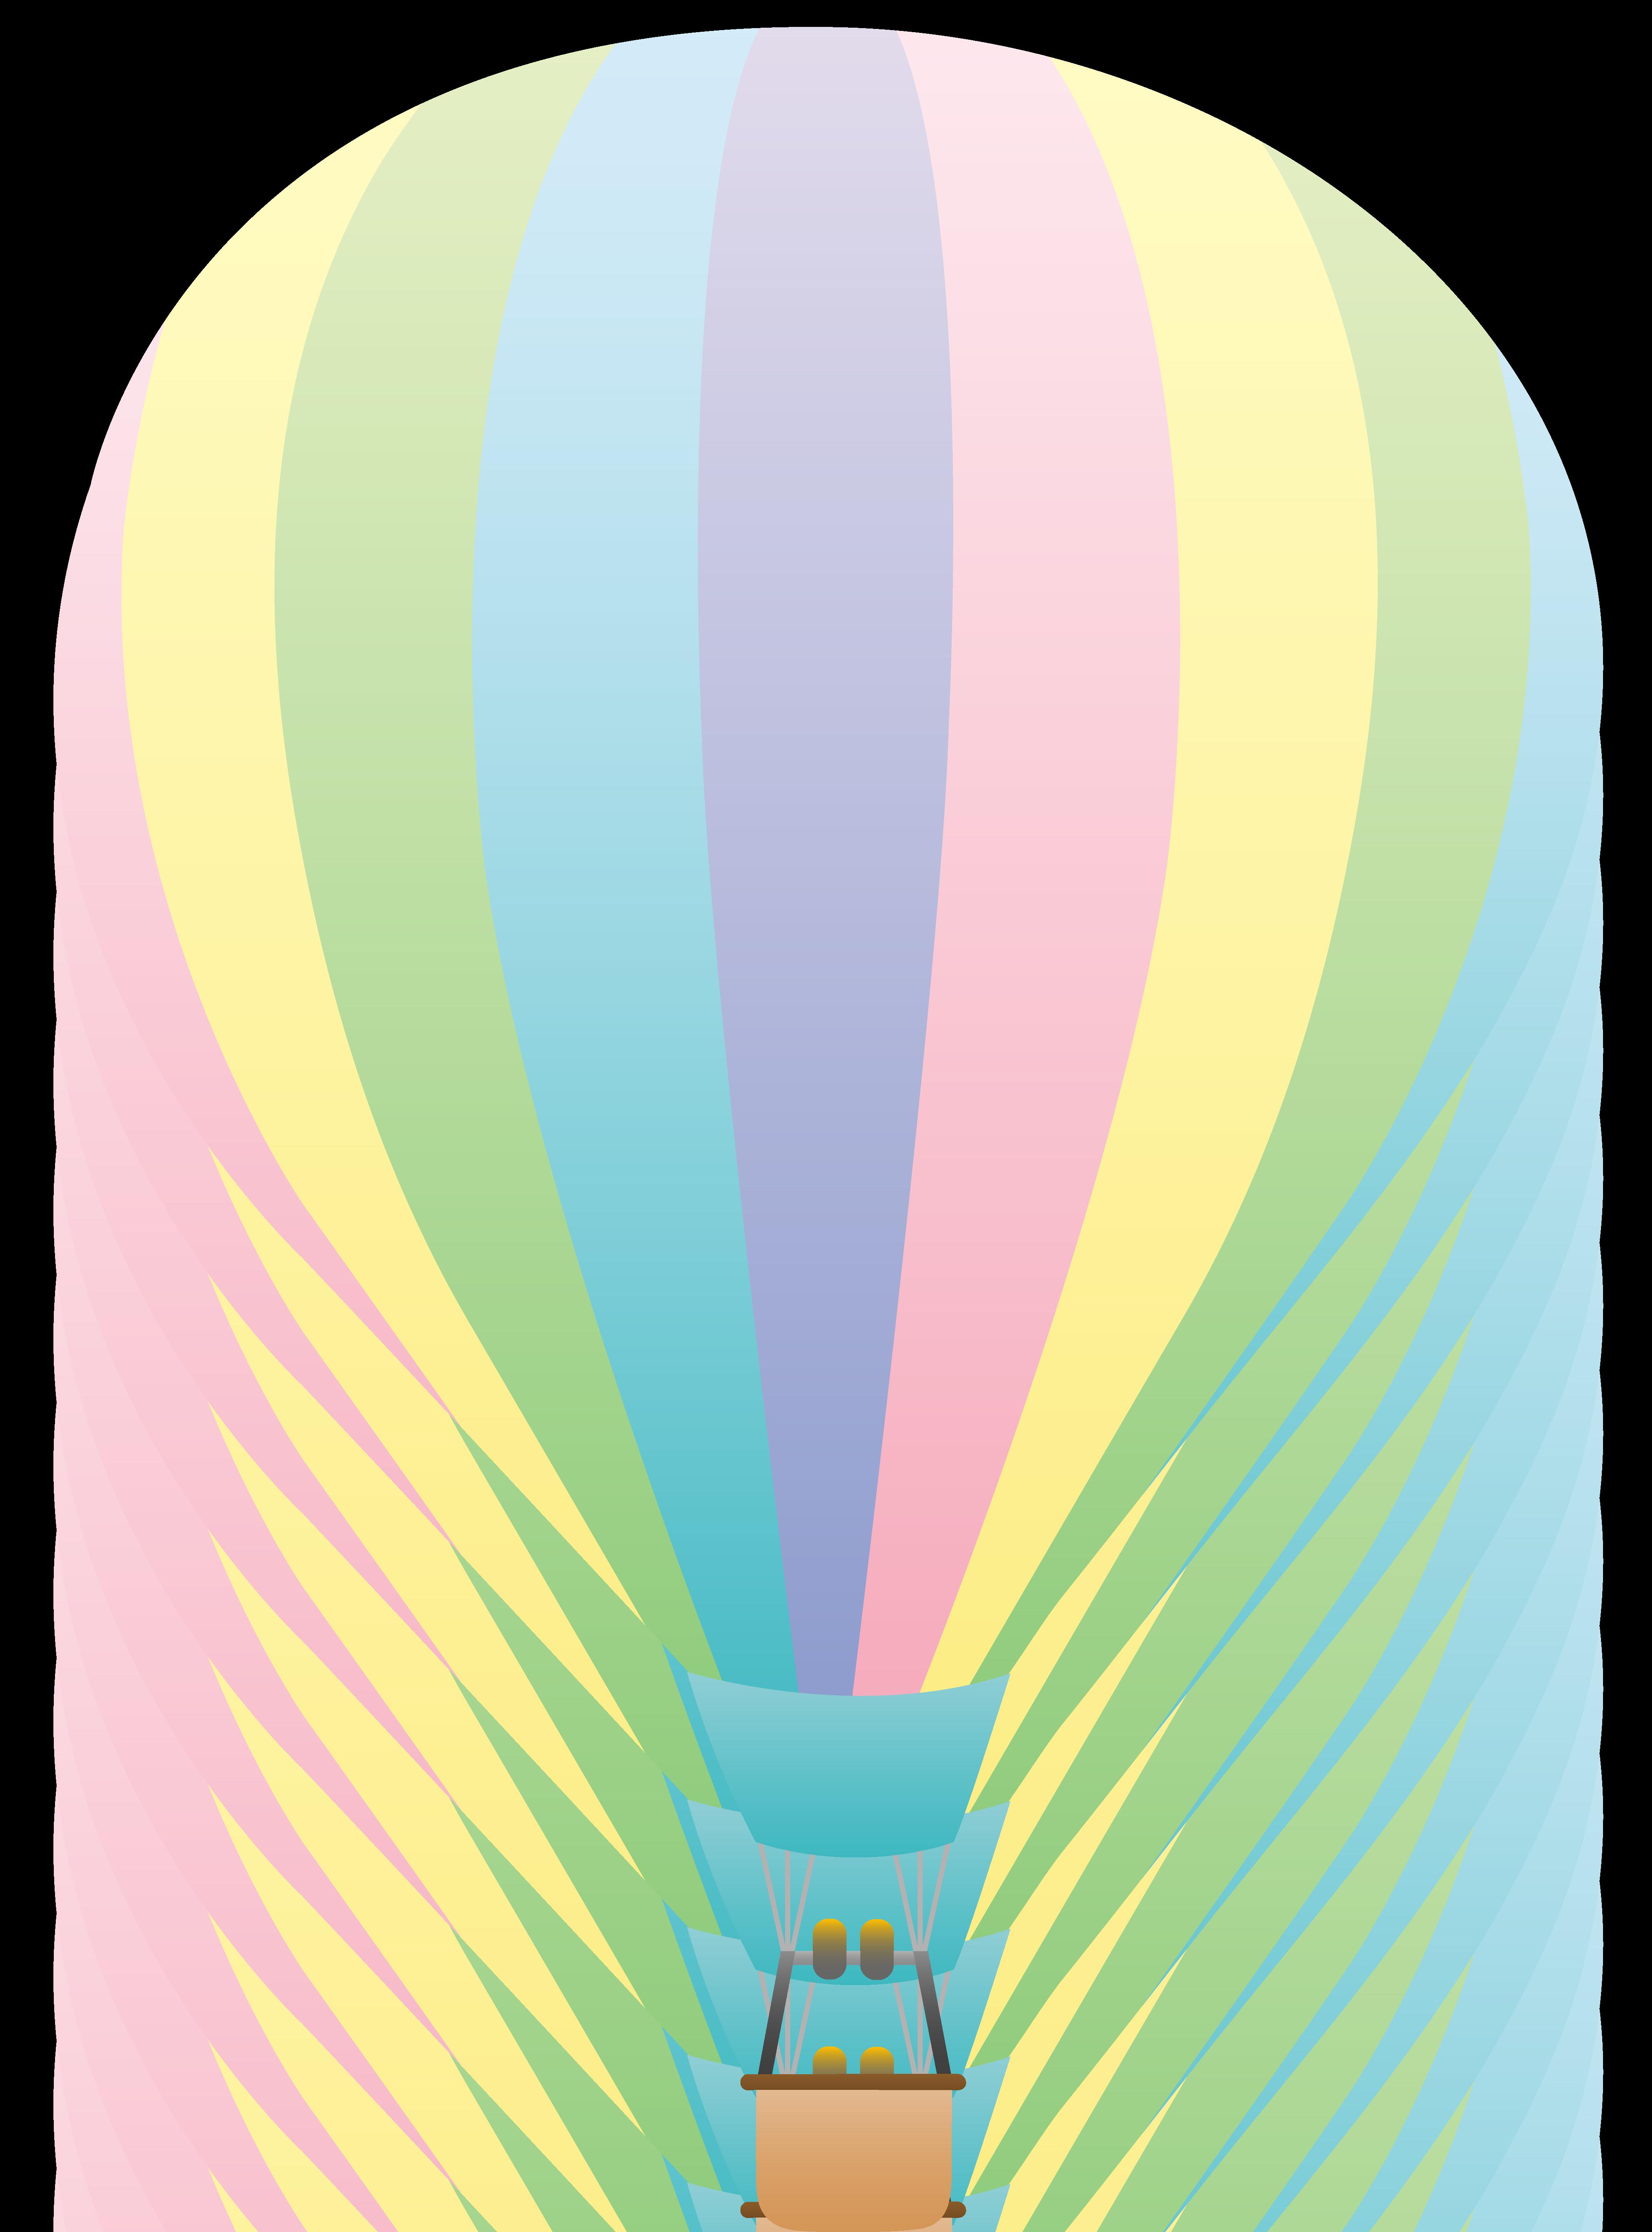 4114x5559 Pastel Rainbow Hot Air Balloon Clipart Panda